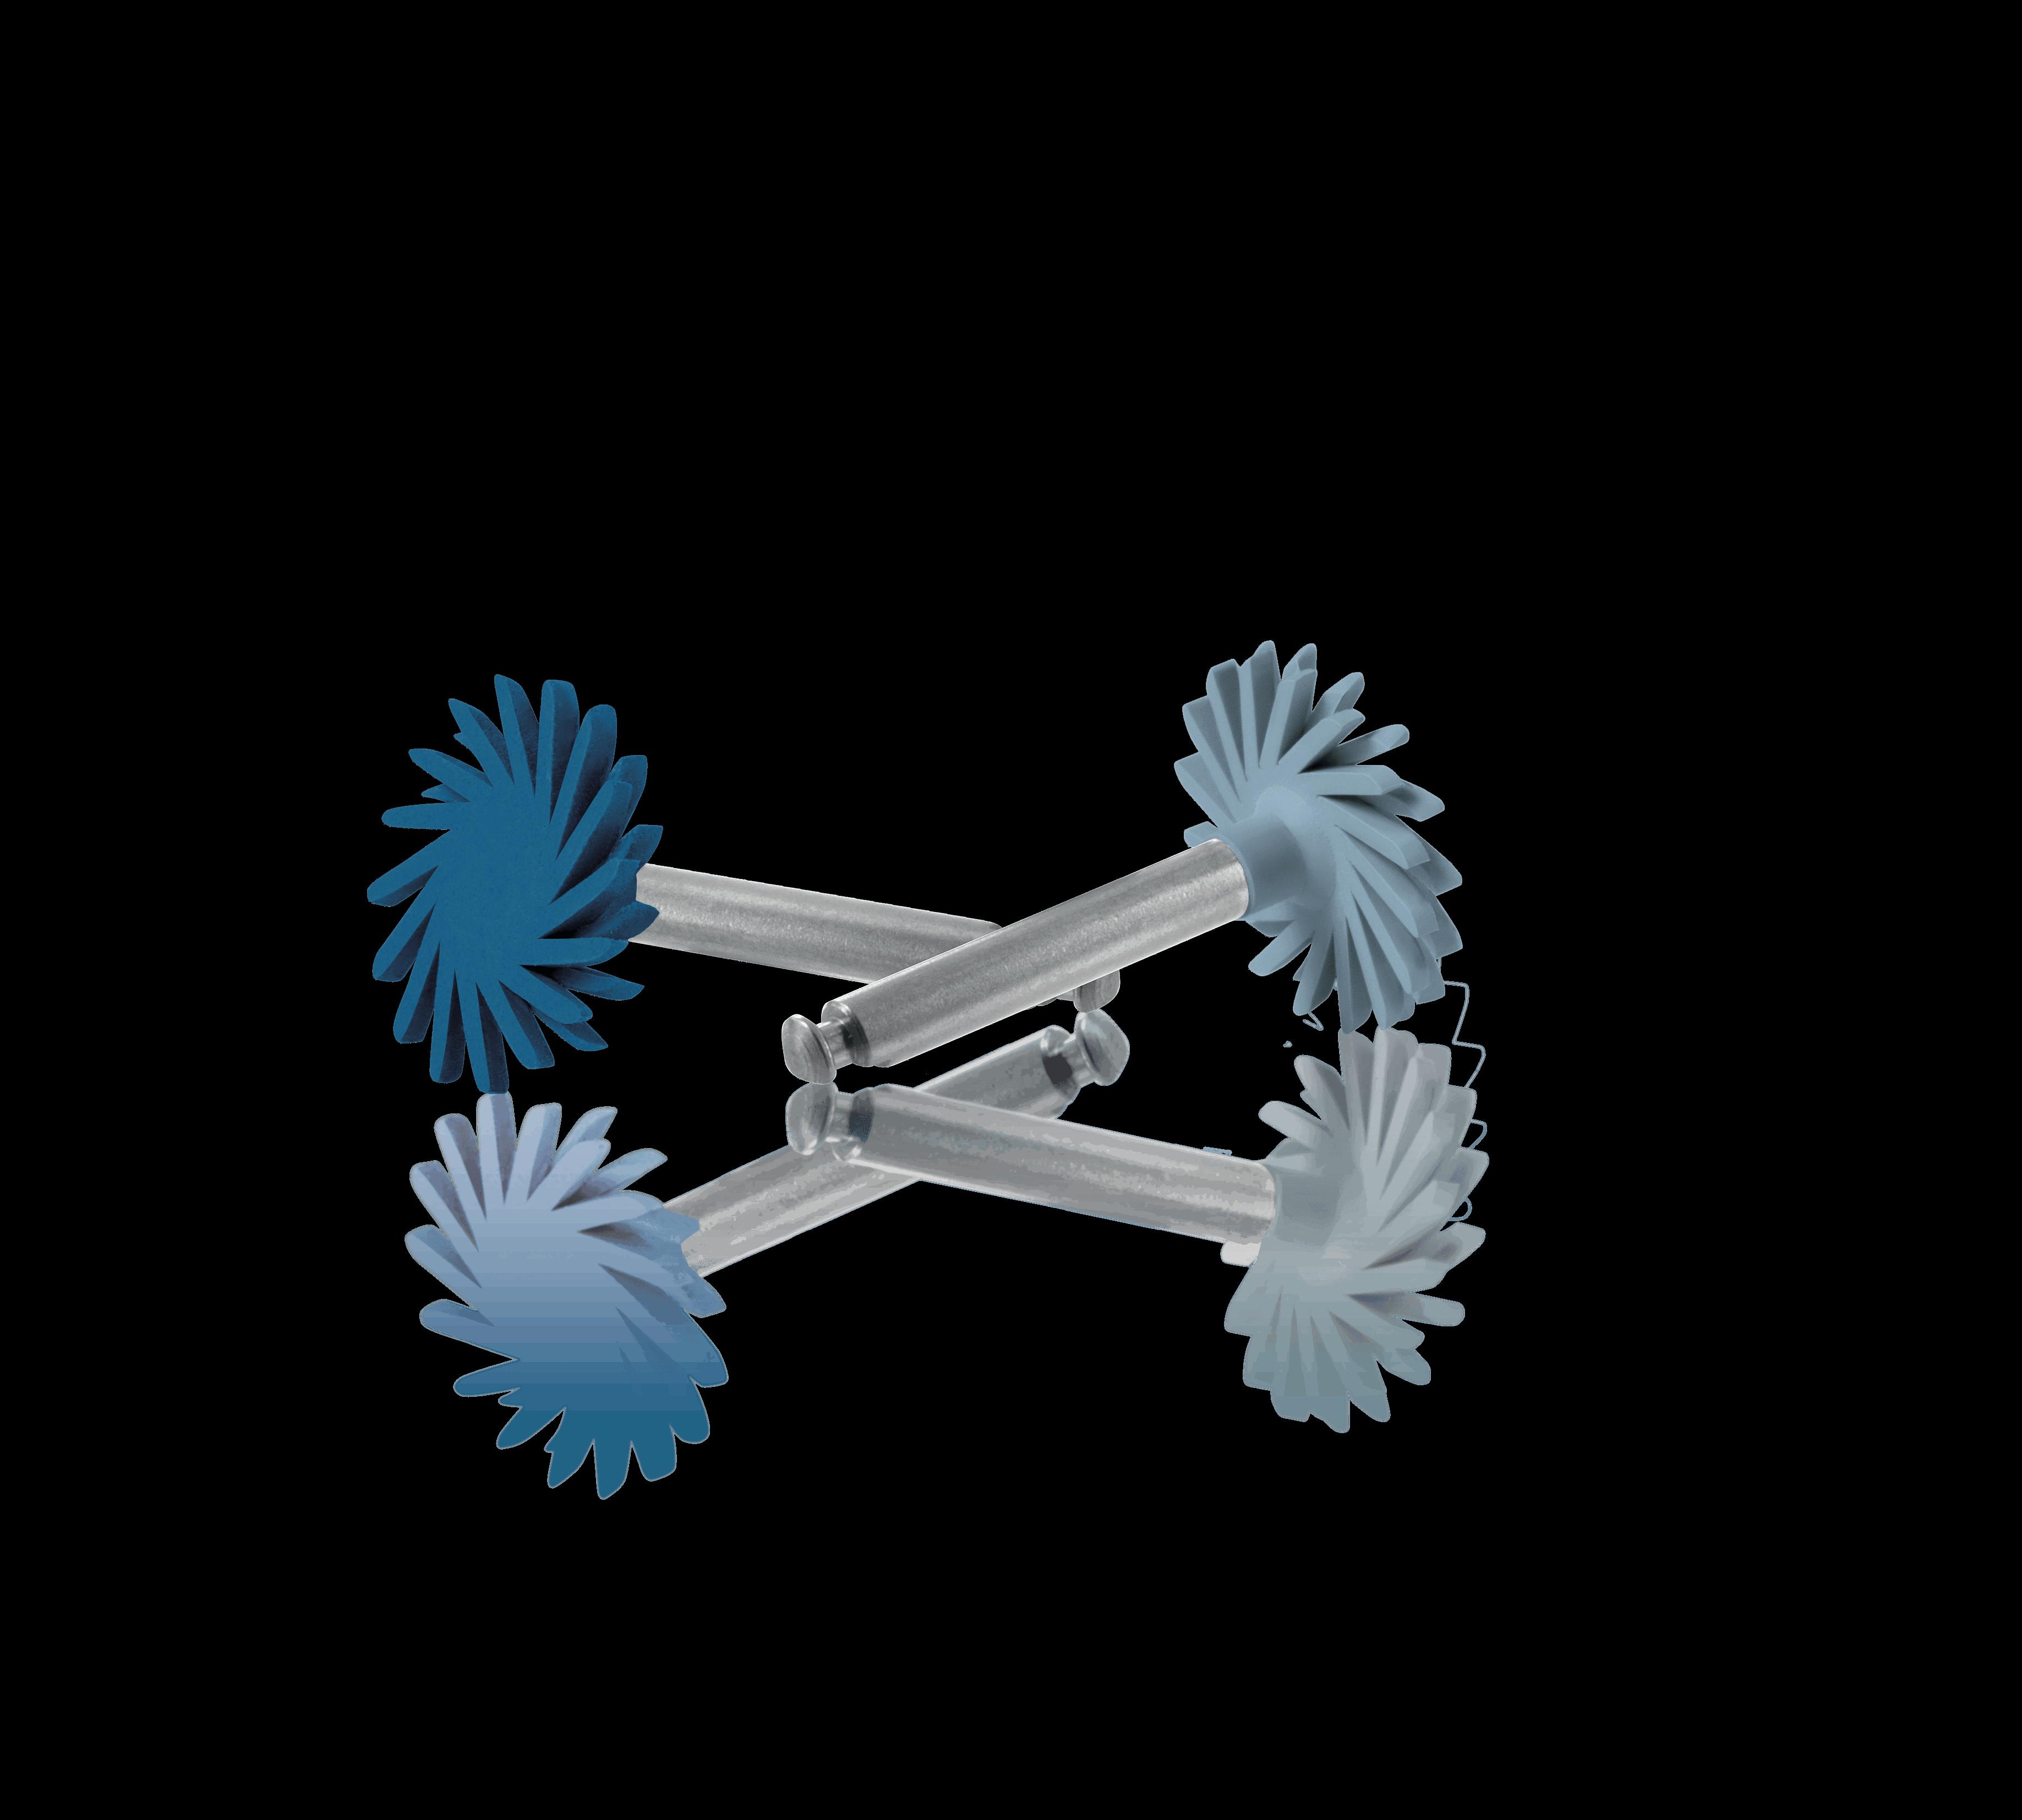 clearfil-twist-dia-both-polishers-tb-web-pic